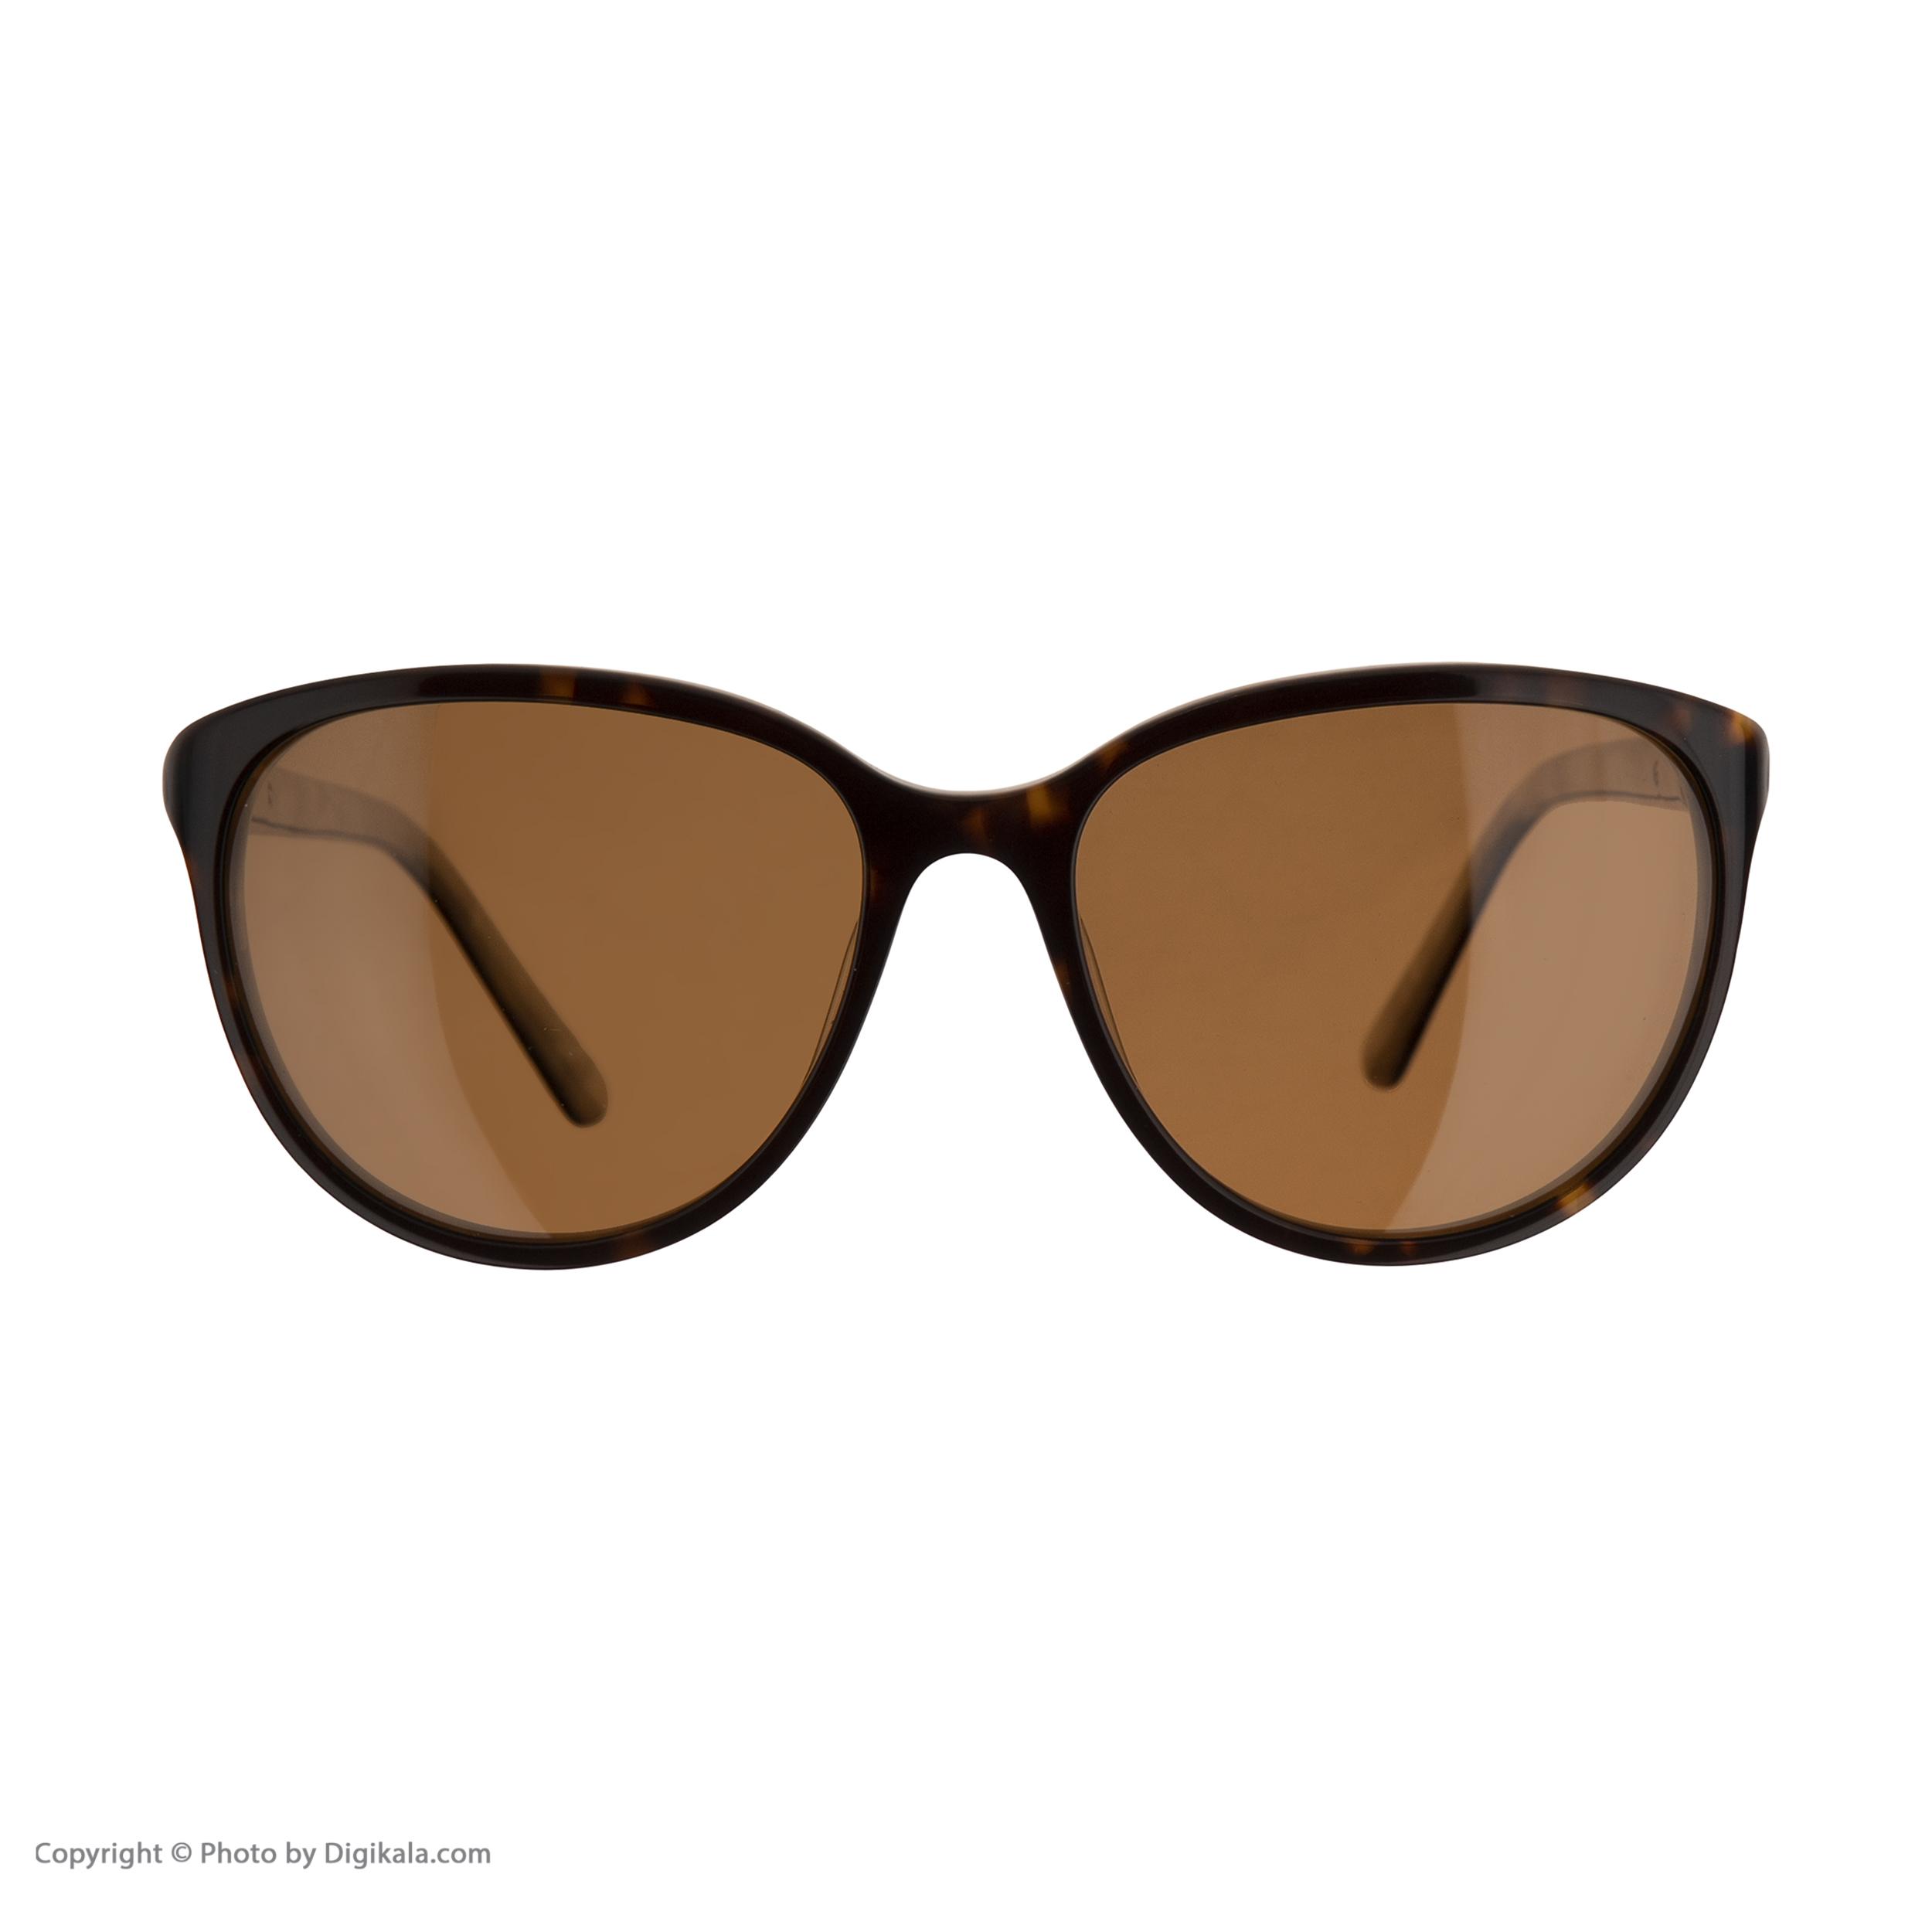 عینک آفتابی زنانه ویستان مدل 7950003 -  - 1